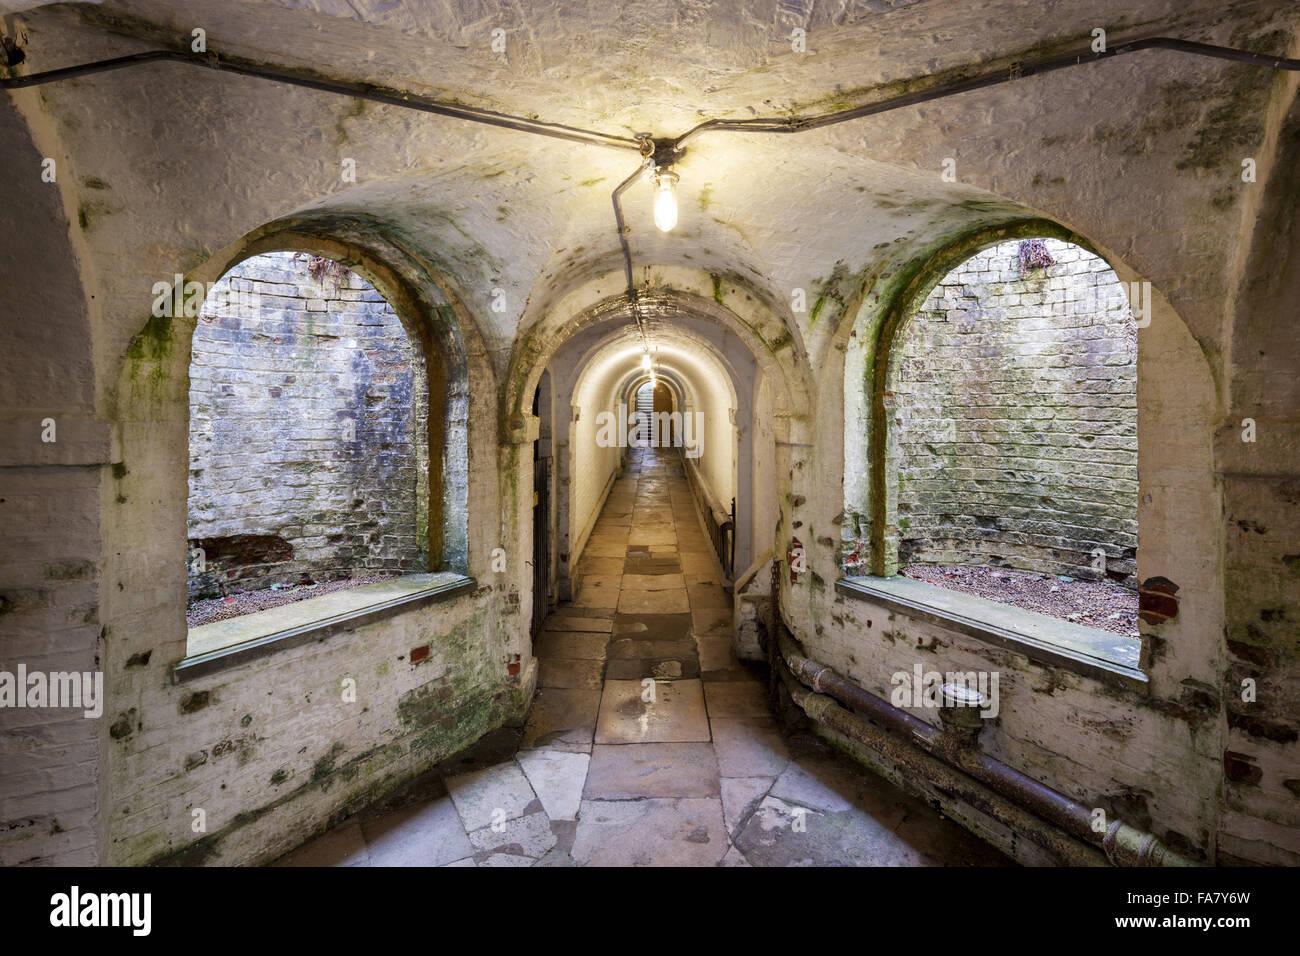 Die Tunnel in Uppark House and Garden, West Sussex. Stockbild